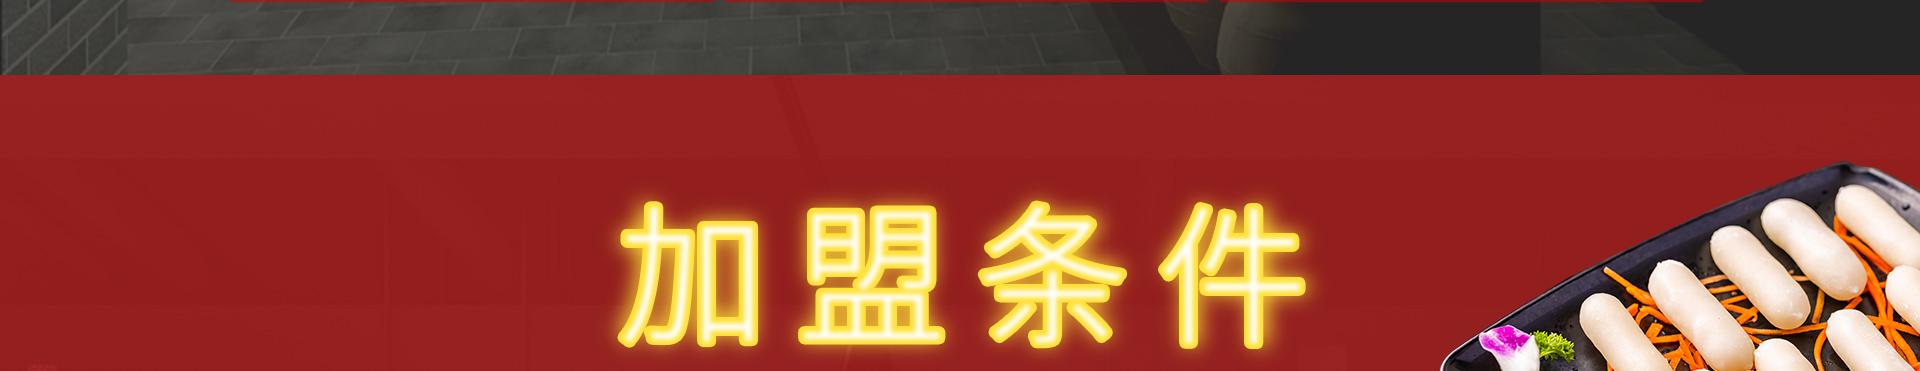 宽窄巷子火锅kzxz_29